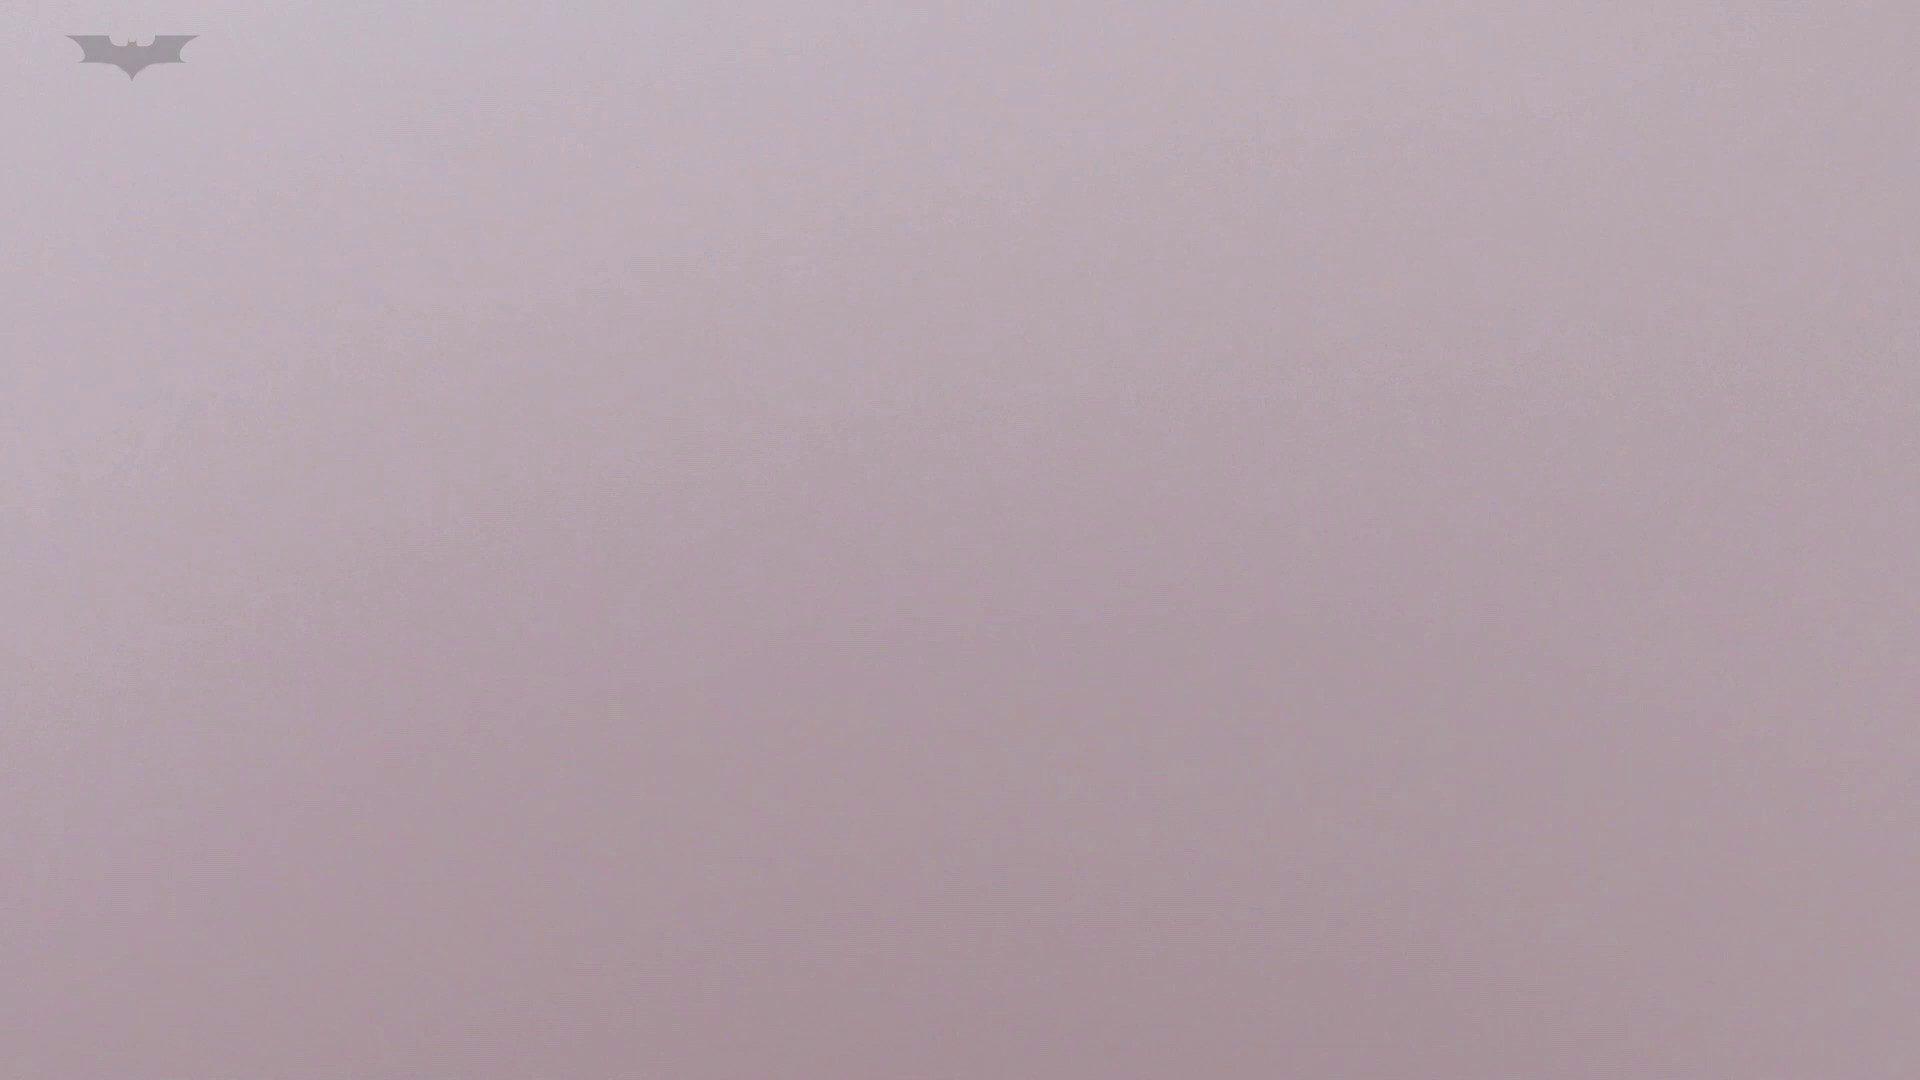 お銀 vol.79 化粧室では、高確率で素の女性がみられます!! 丸見え SEX無修正画像 73画像 3